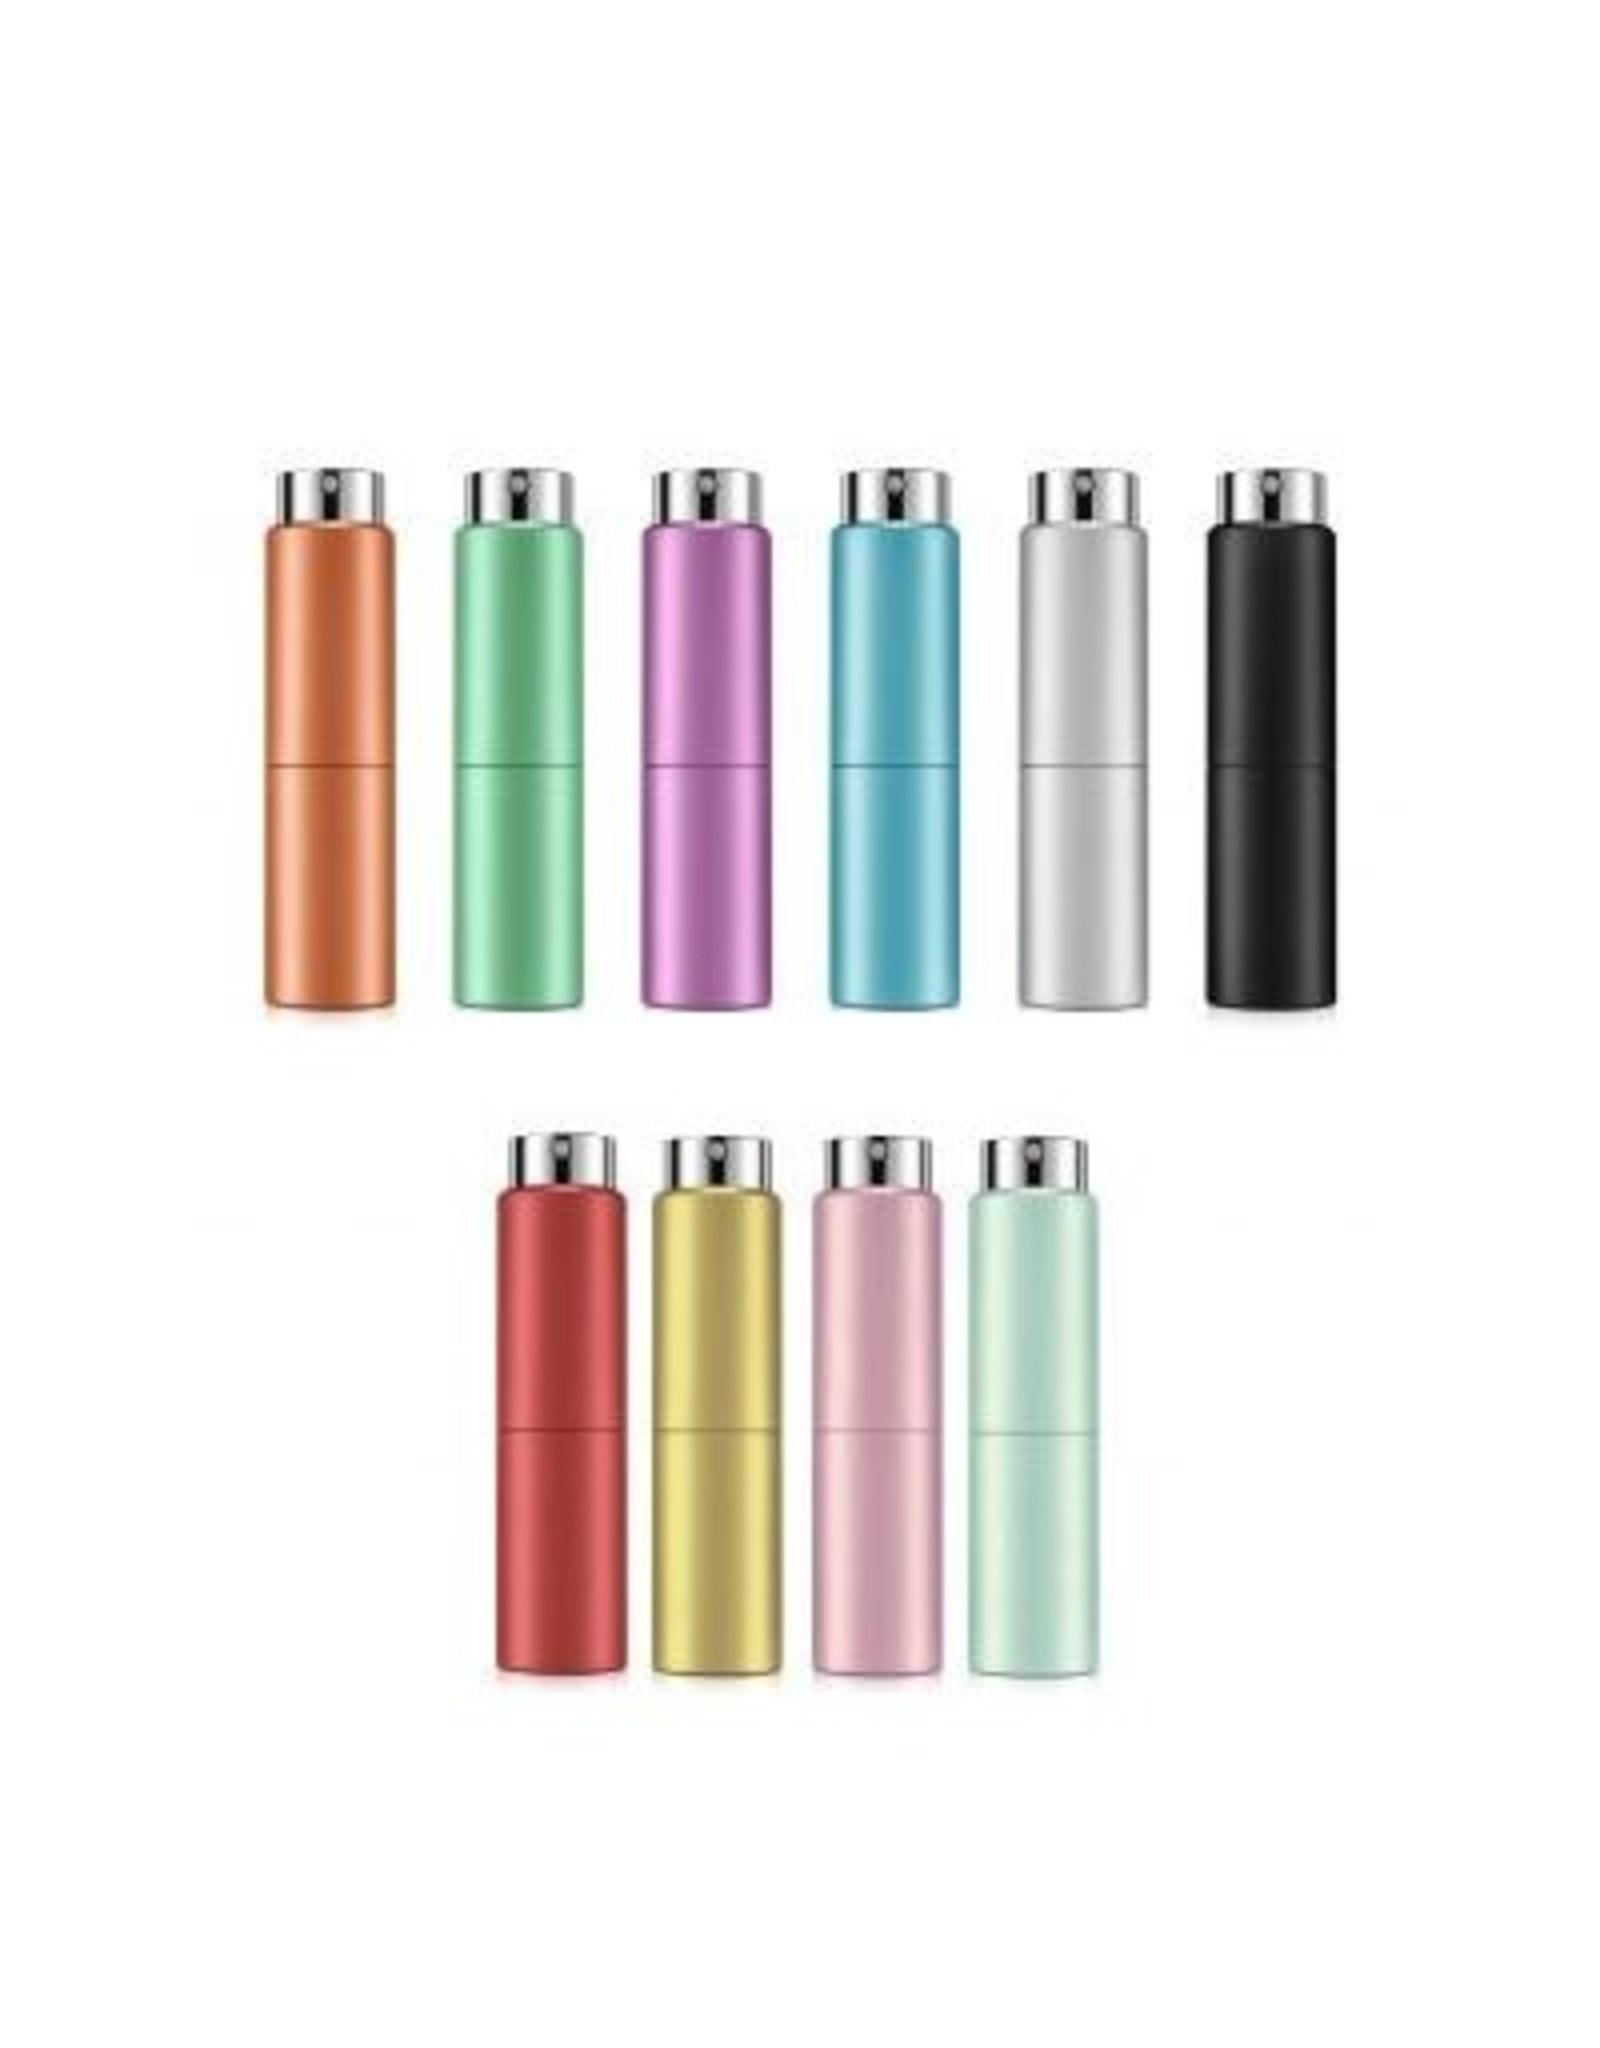 Equivalenza Vaporisateur de Parfum Doré - 15ml